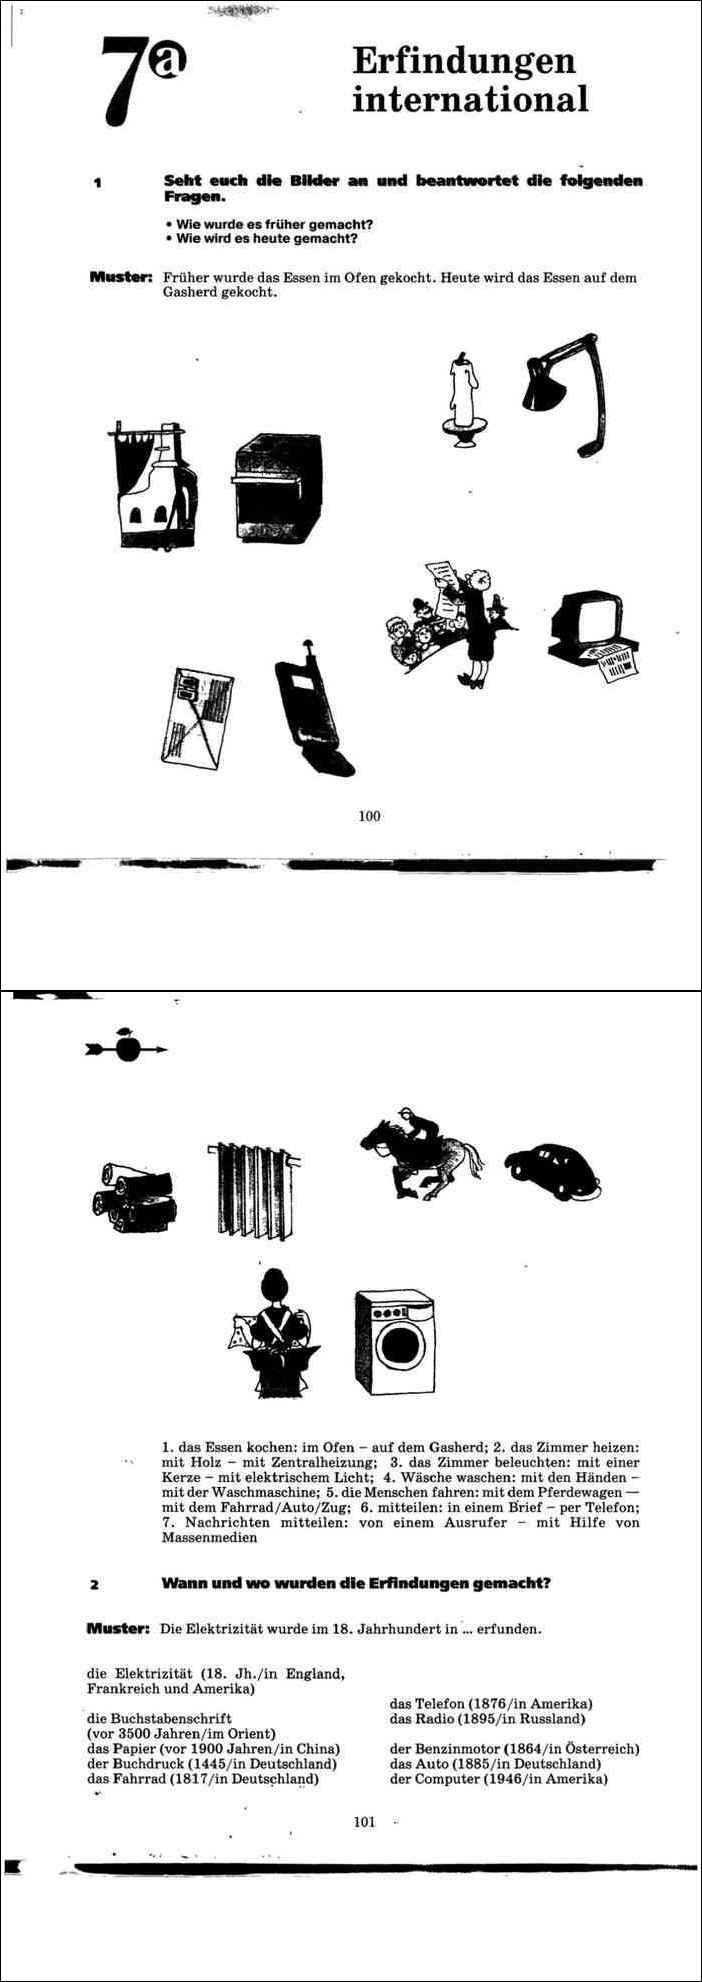 учебник немецкий язык 7 класс мозаика гальскова борисова шорихина